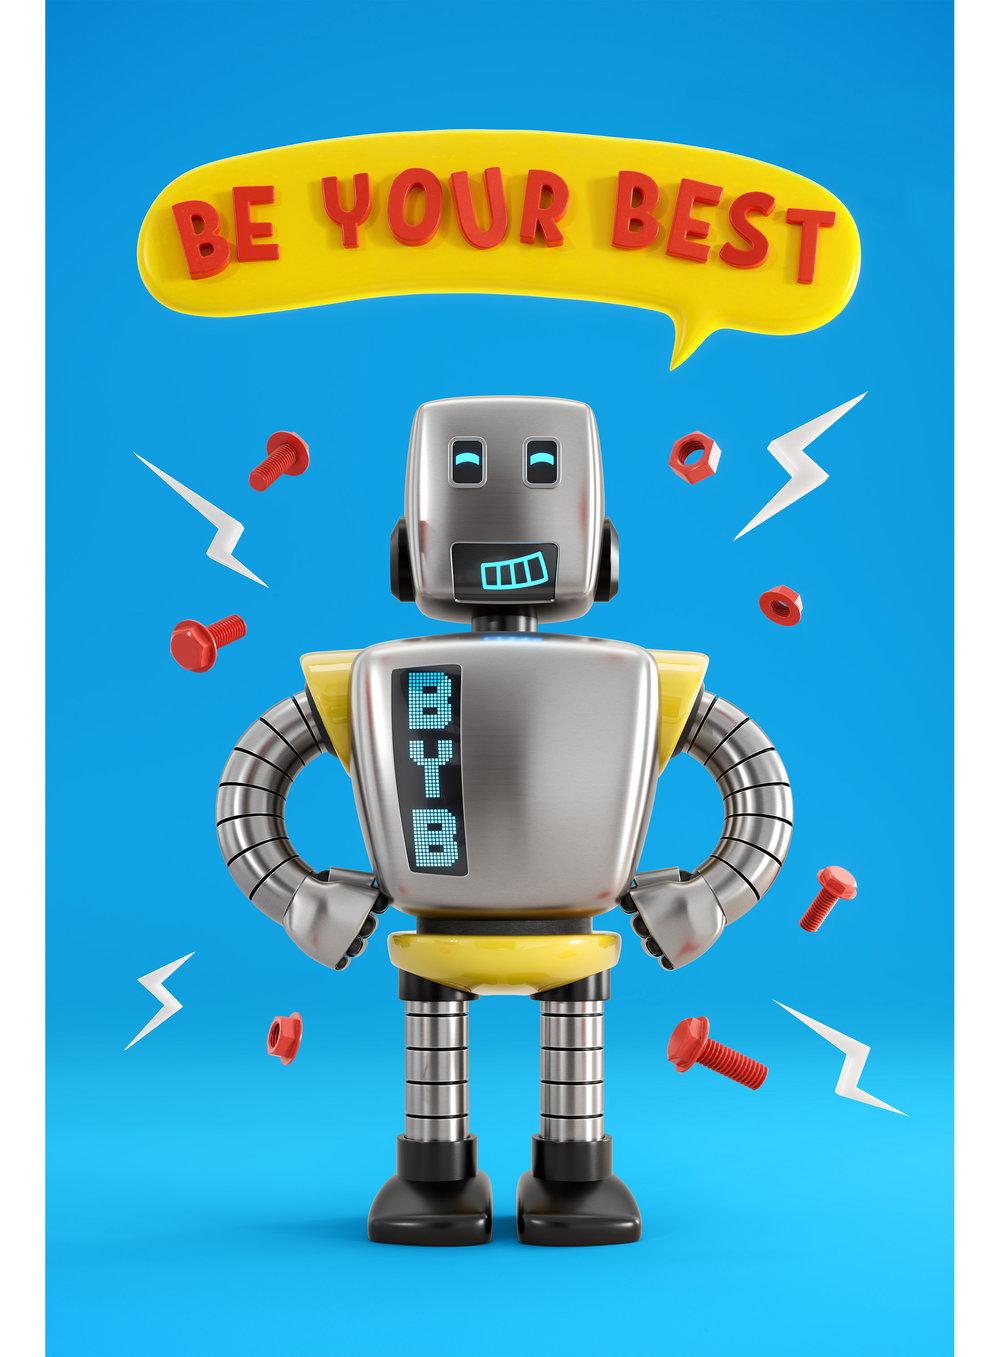 robot_blue_sml.jpg